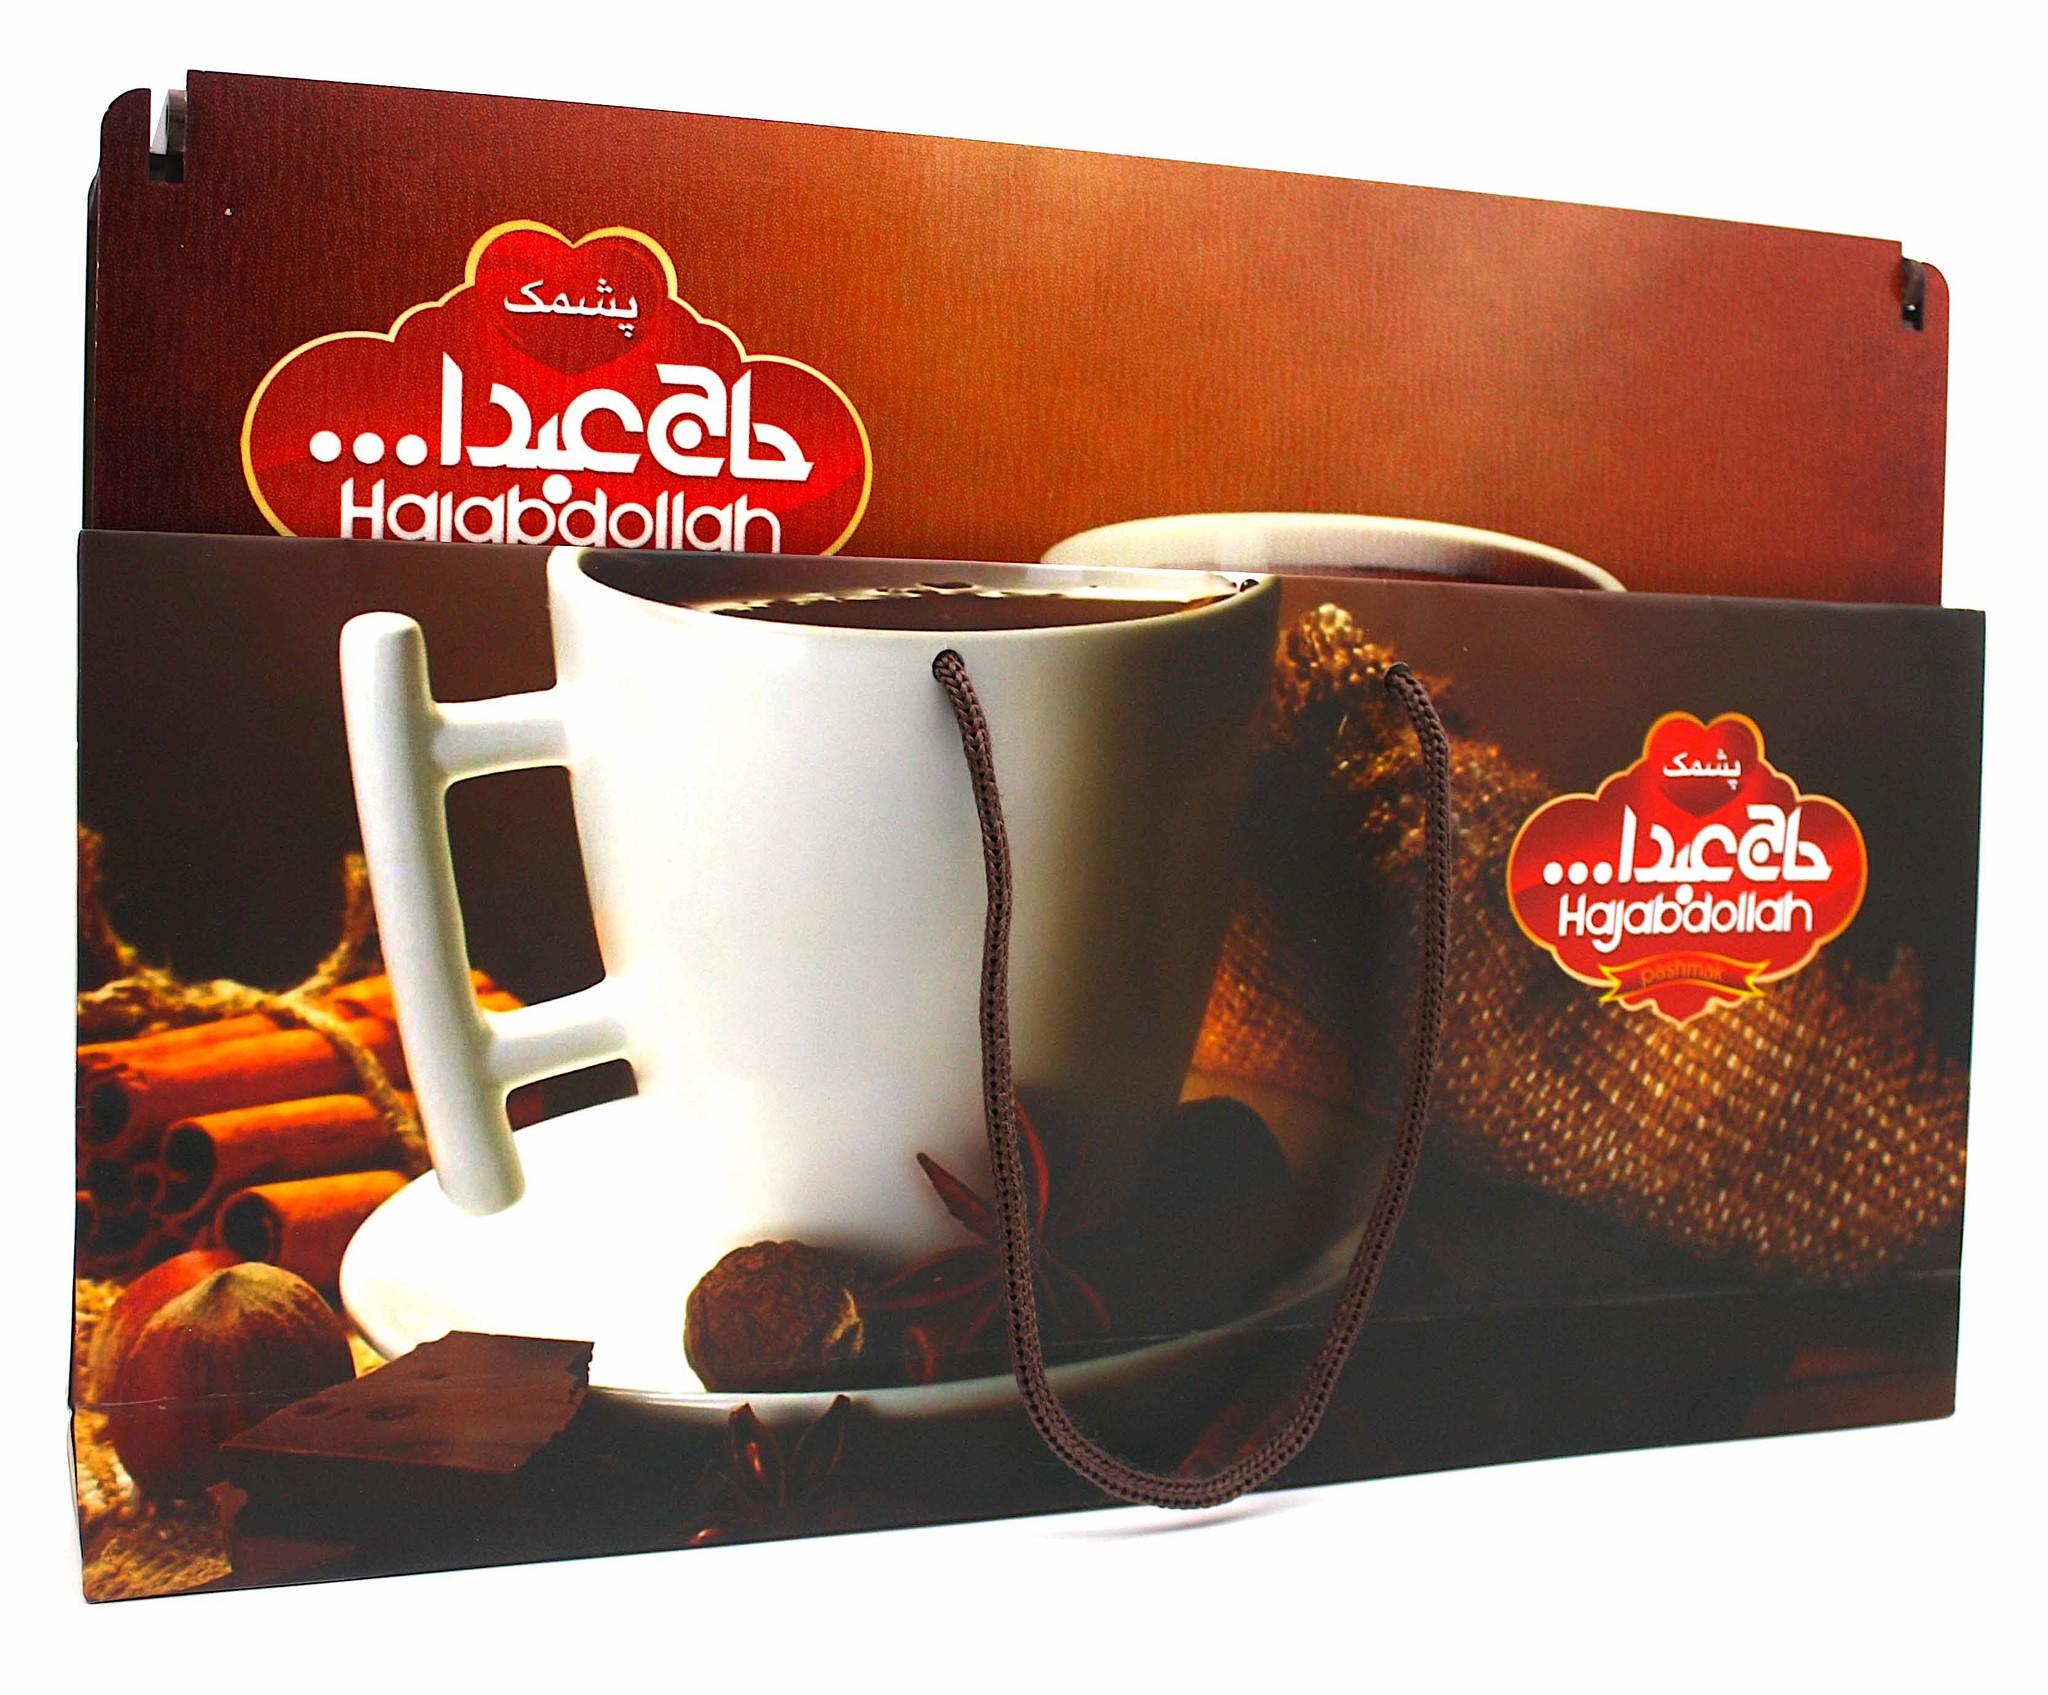 """Пишмание Ассорти пишмание в подарочной деревянной упаковке """"Чашка Кофе"""", Hajabdollah, 500 г import_files_a2_a2b1aca4f24f11e8a9a1484d7ecee297_9266c16cf95711e8a9a1484d7ecee297.jpg"""